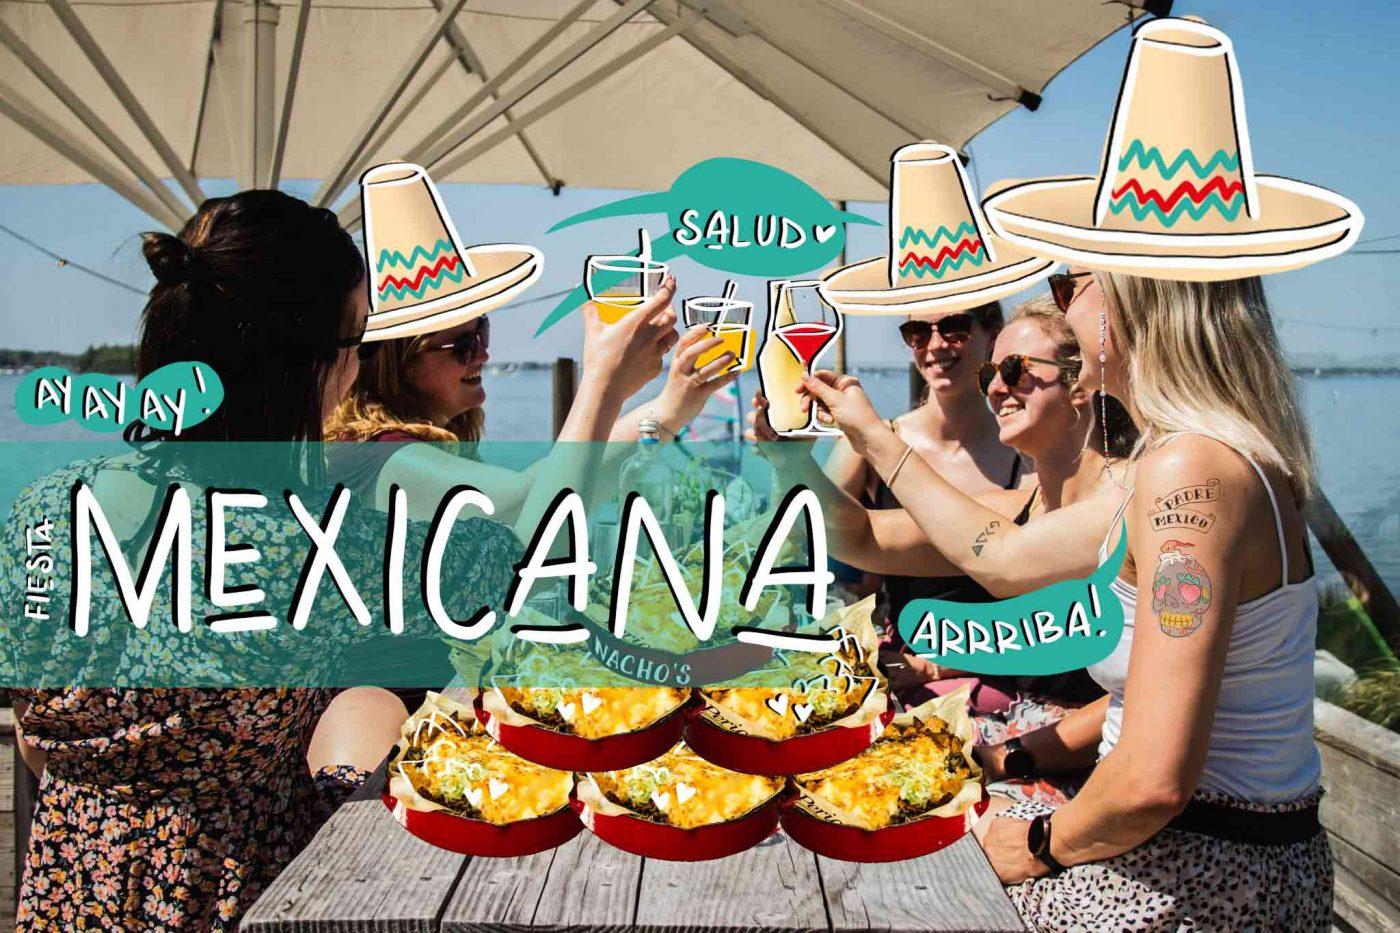 fiesta-mexi